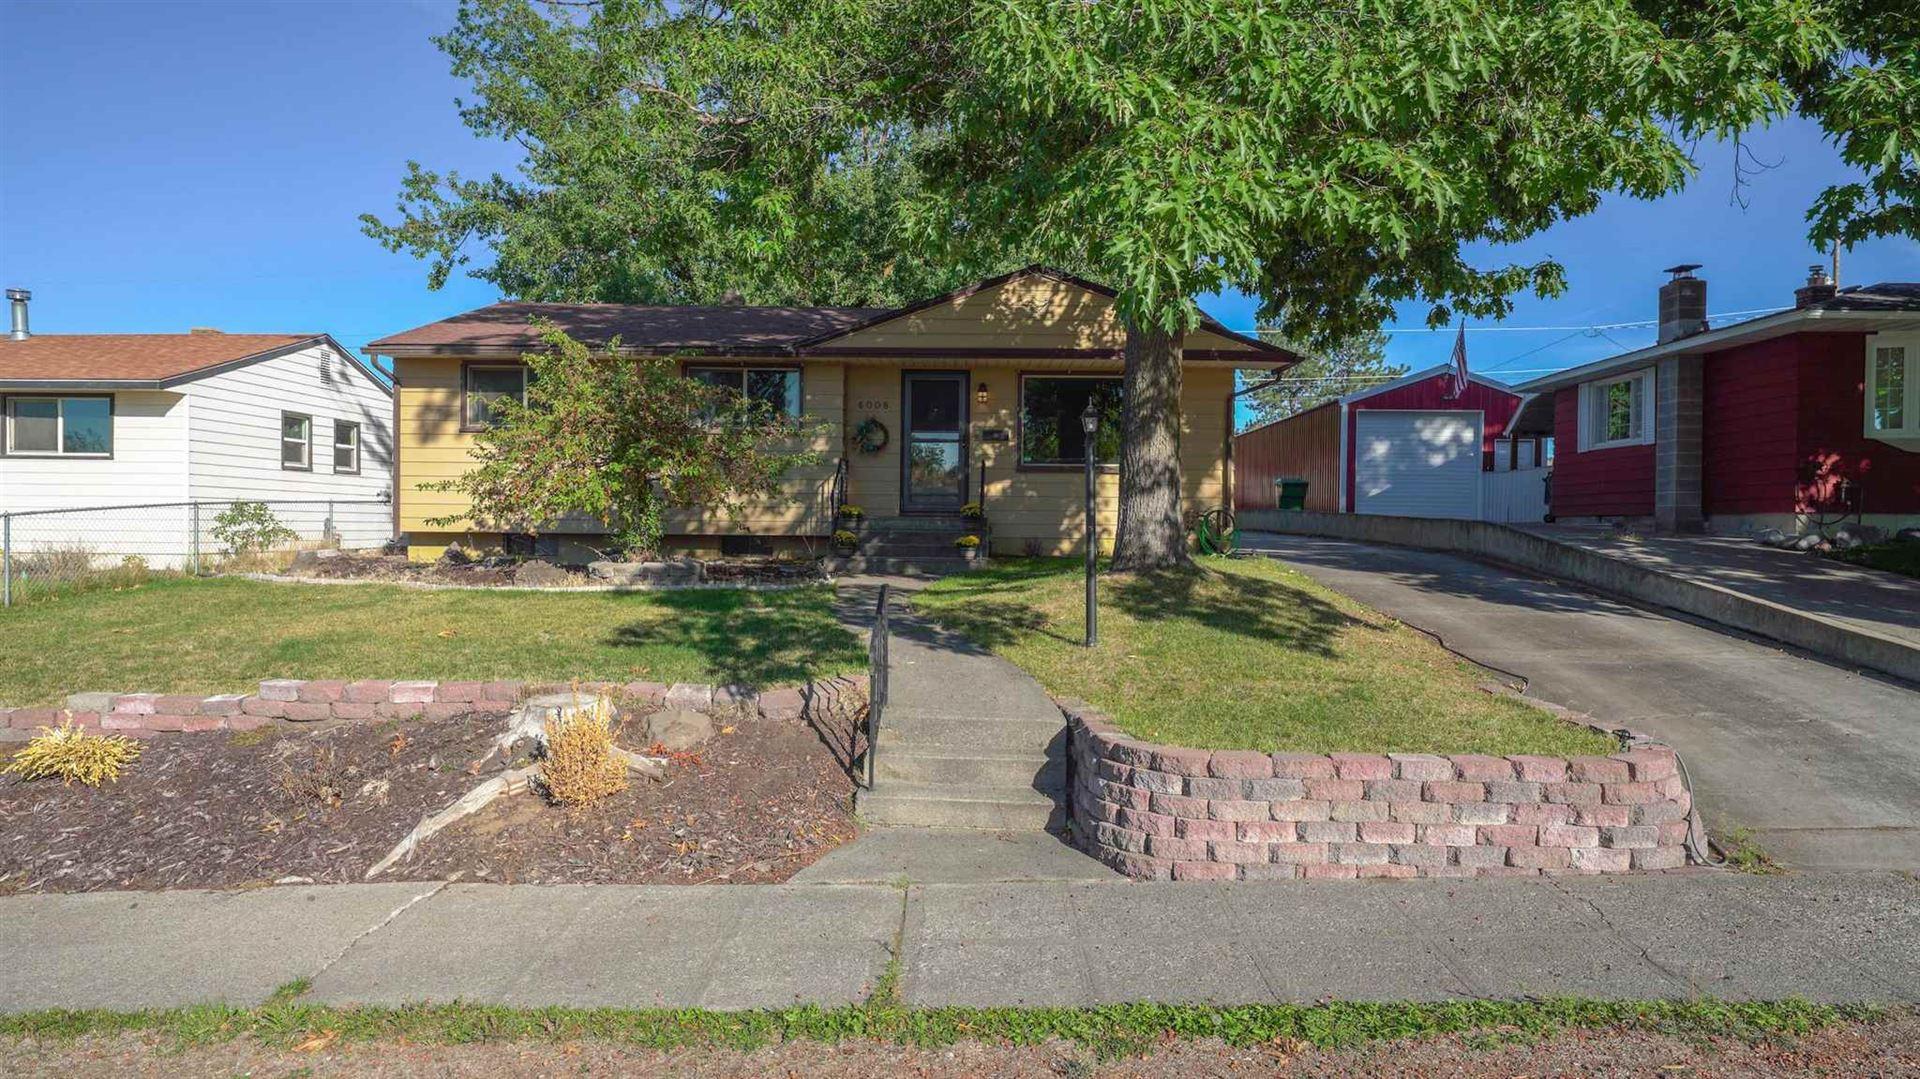 6008 N Oak St, Spokane, WA 99205 - #: 202122834